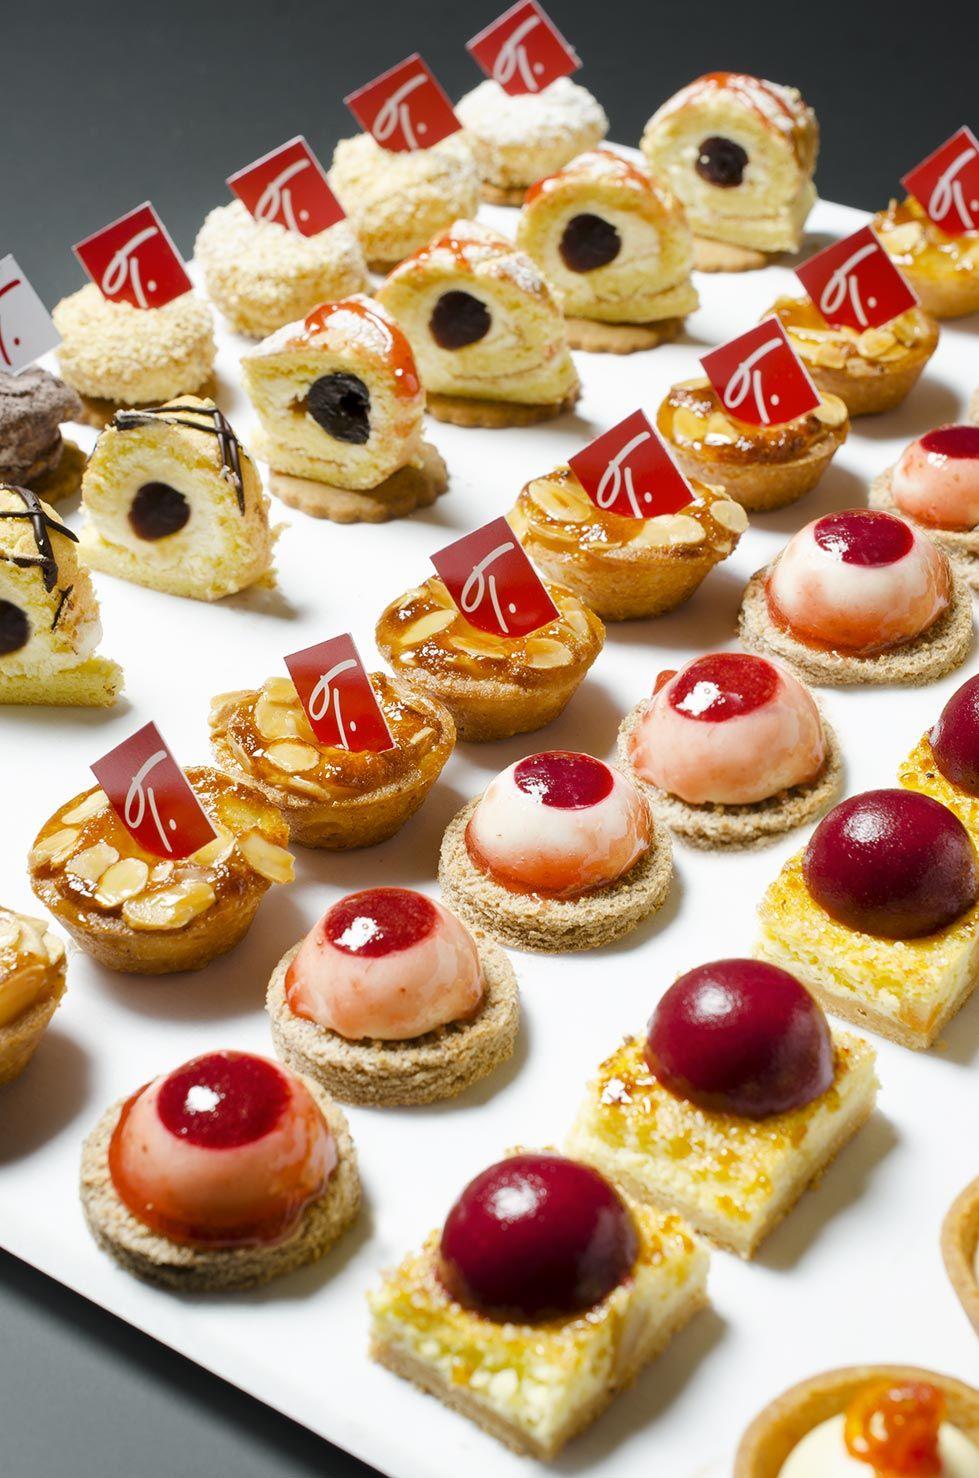 Pasticceria mignon | Food, Italian pastries, Desserts